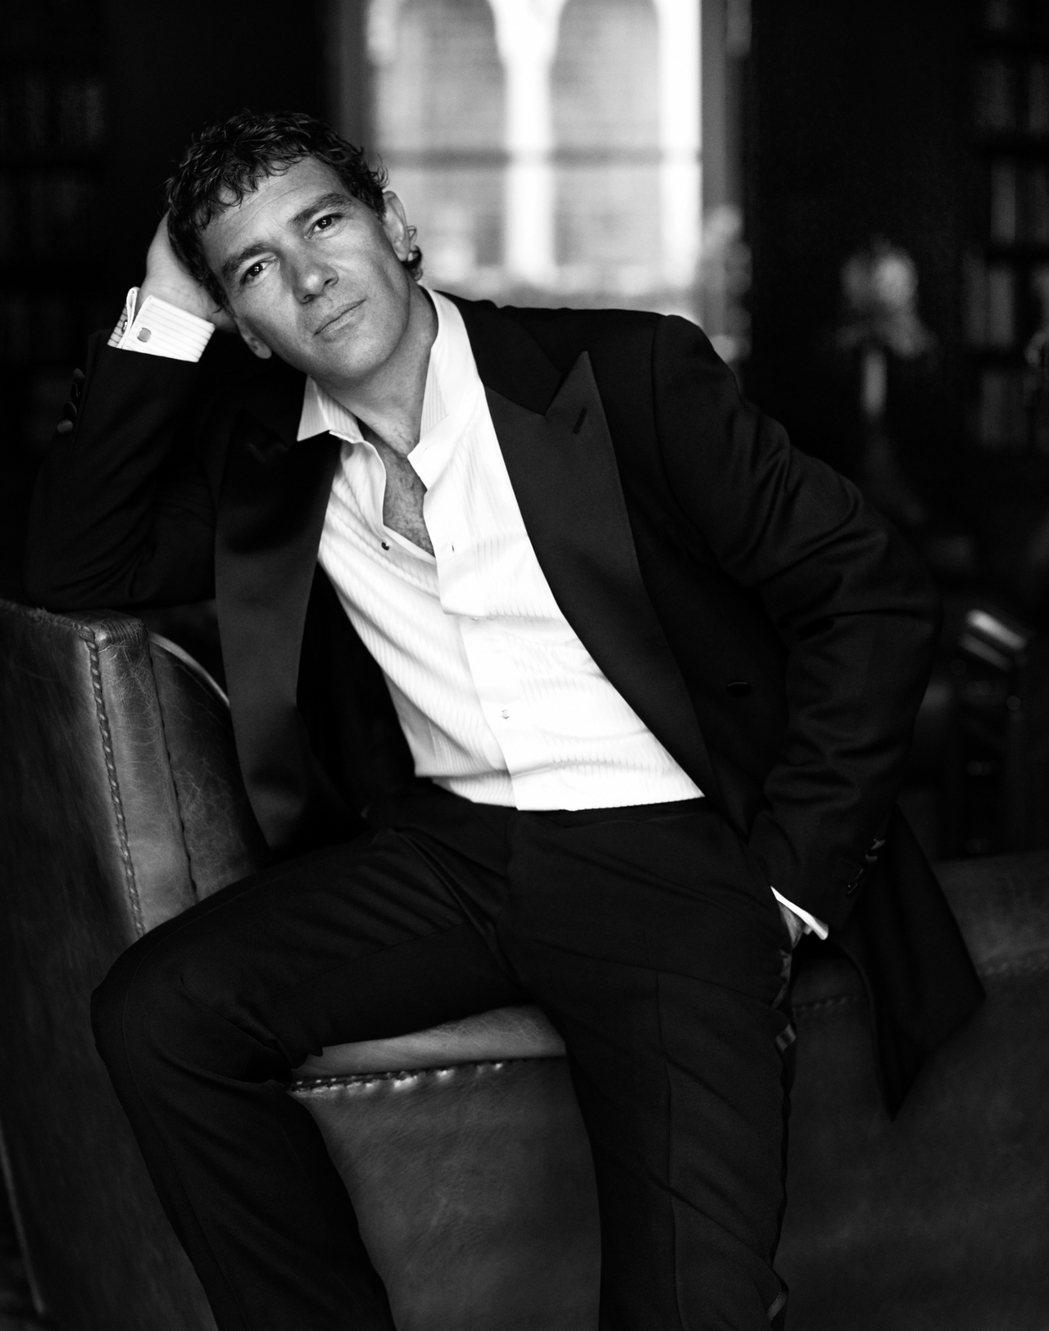 安東尼奧班德拉斯將主演第2季的「世紀天才」。圖/國家地理頻道提供